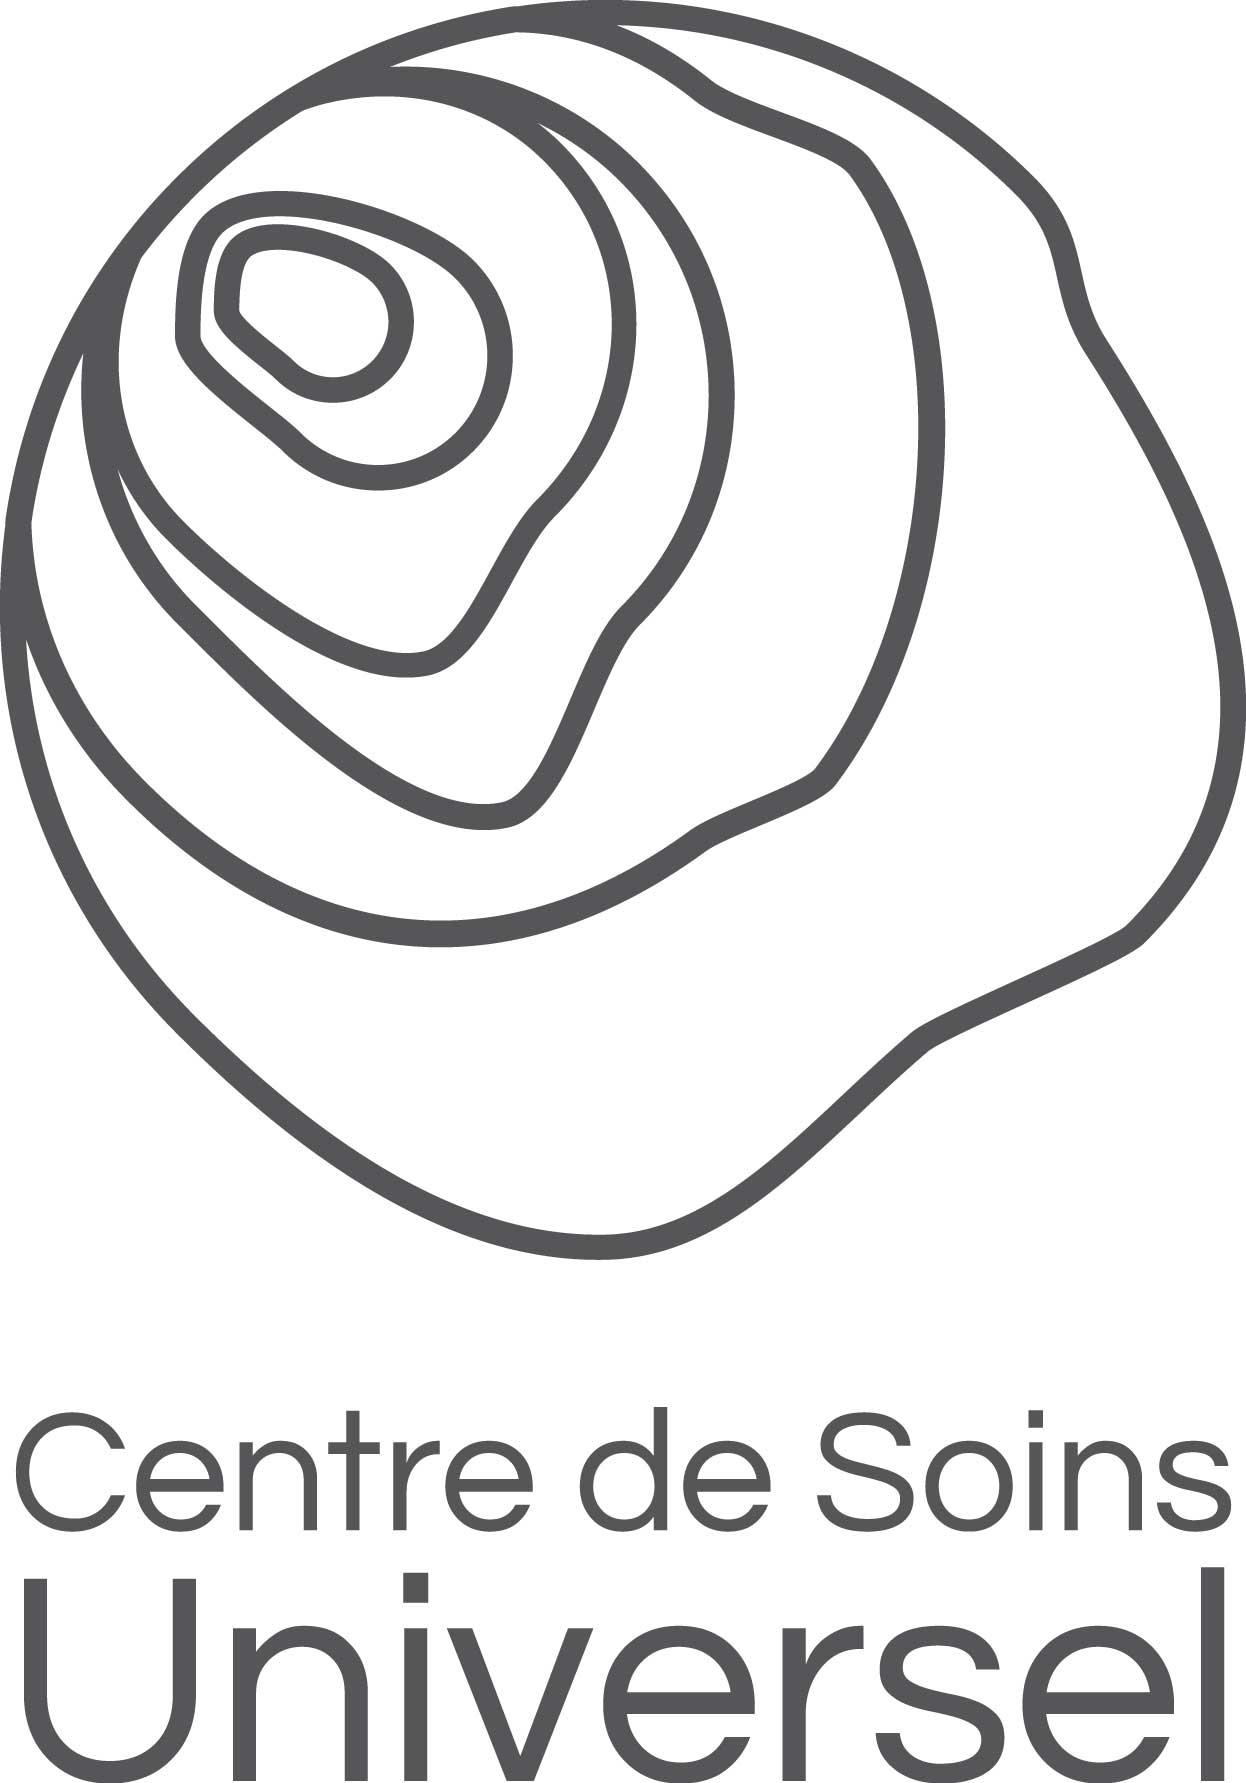 Centre de Soins Universel